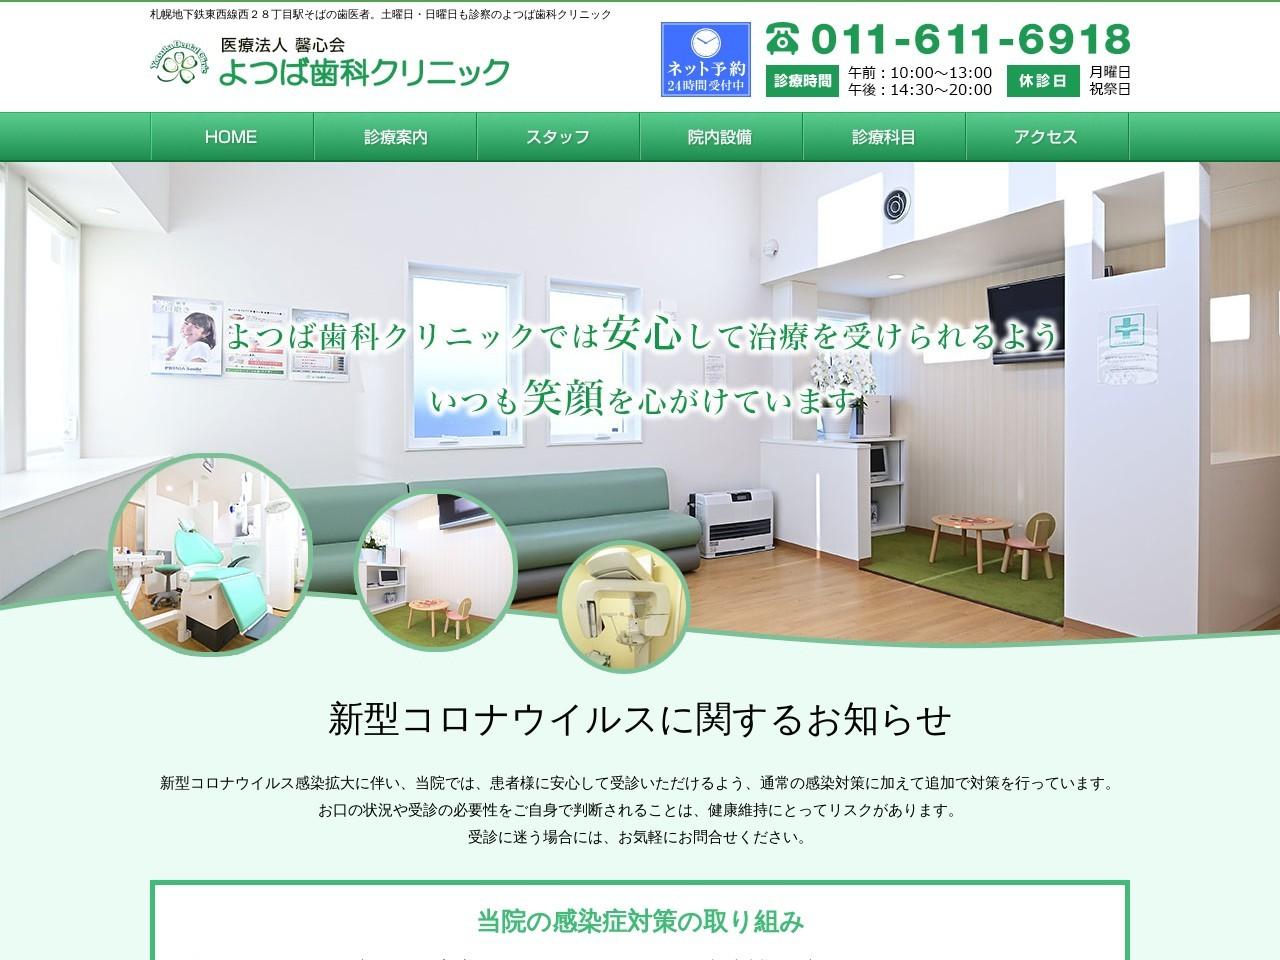 よつば歯科クリニック (北海道札幌市中央区)